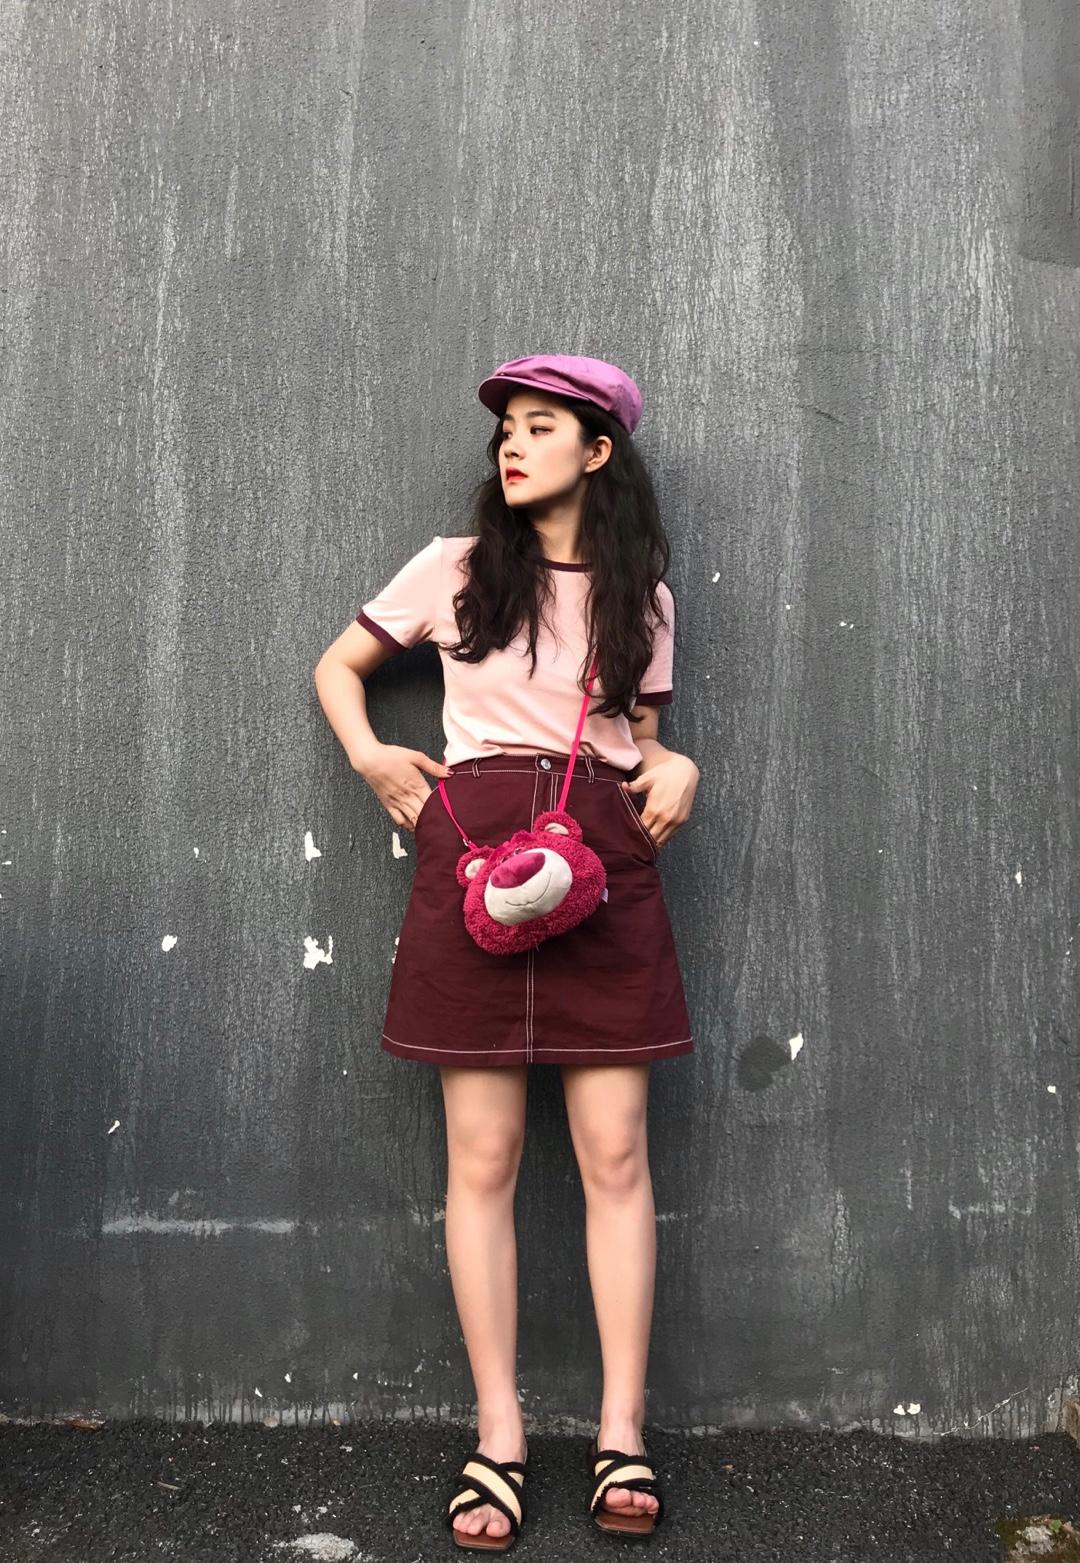 圆领粉色短袖T恤搭配酒红色半裙 斜挎草莓熊包包 整套搭配甜美可爱#150矮妹の秋日显高指南#